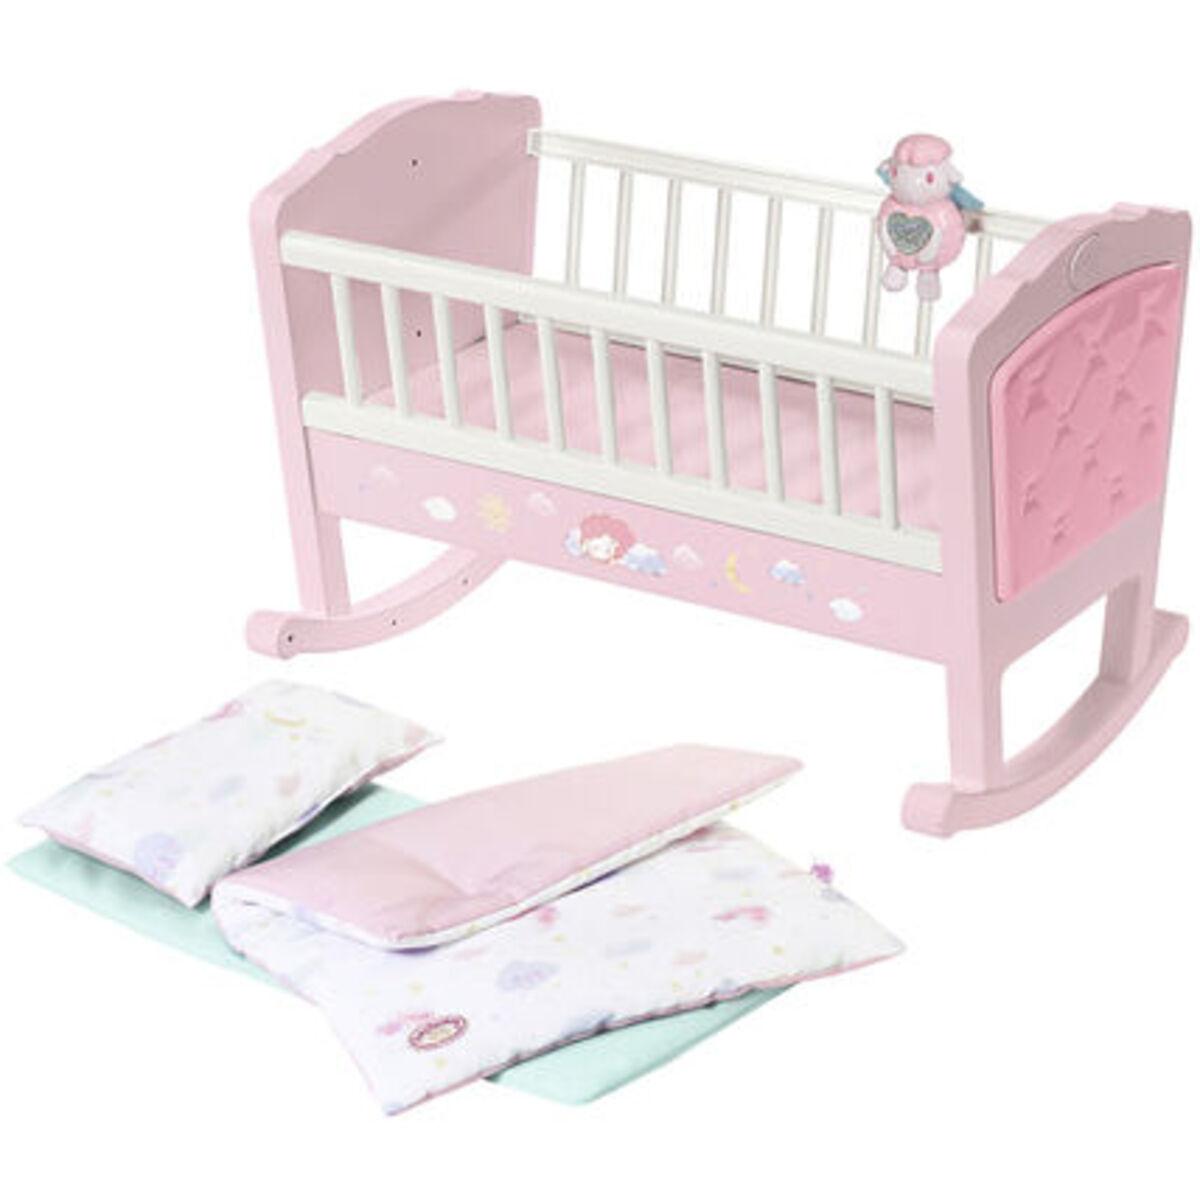 Bild 1 von Zapf Creation® Baby Annabell® Sweet Dreams Wiege